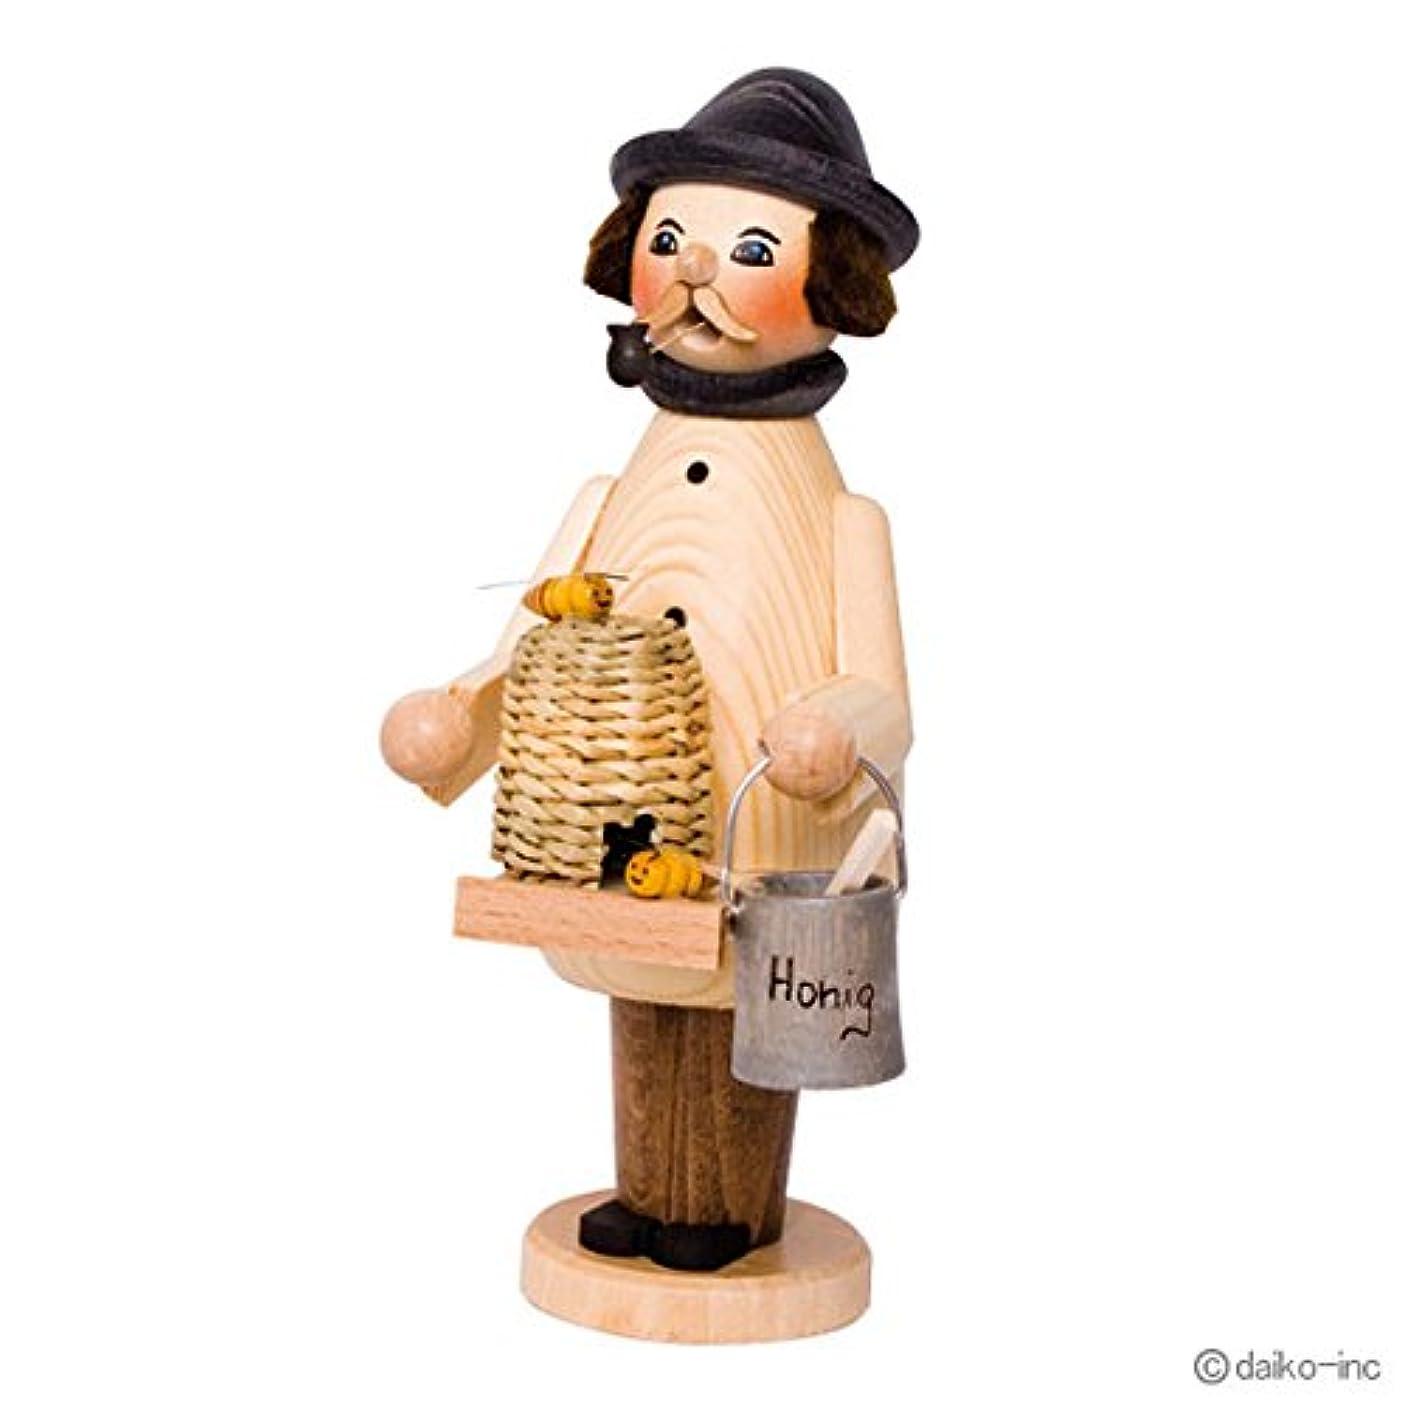 ダイジェスト広範囲に喉が渇いたkuhnert ミニパイプ人形香炉 養蜂家